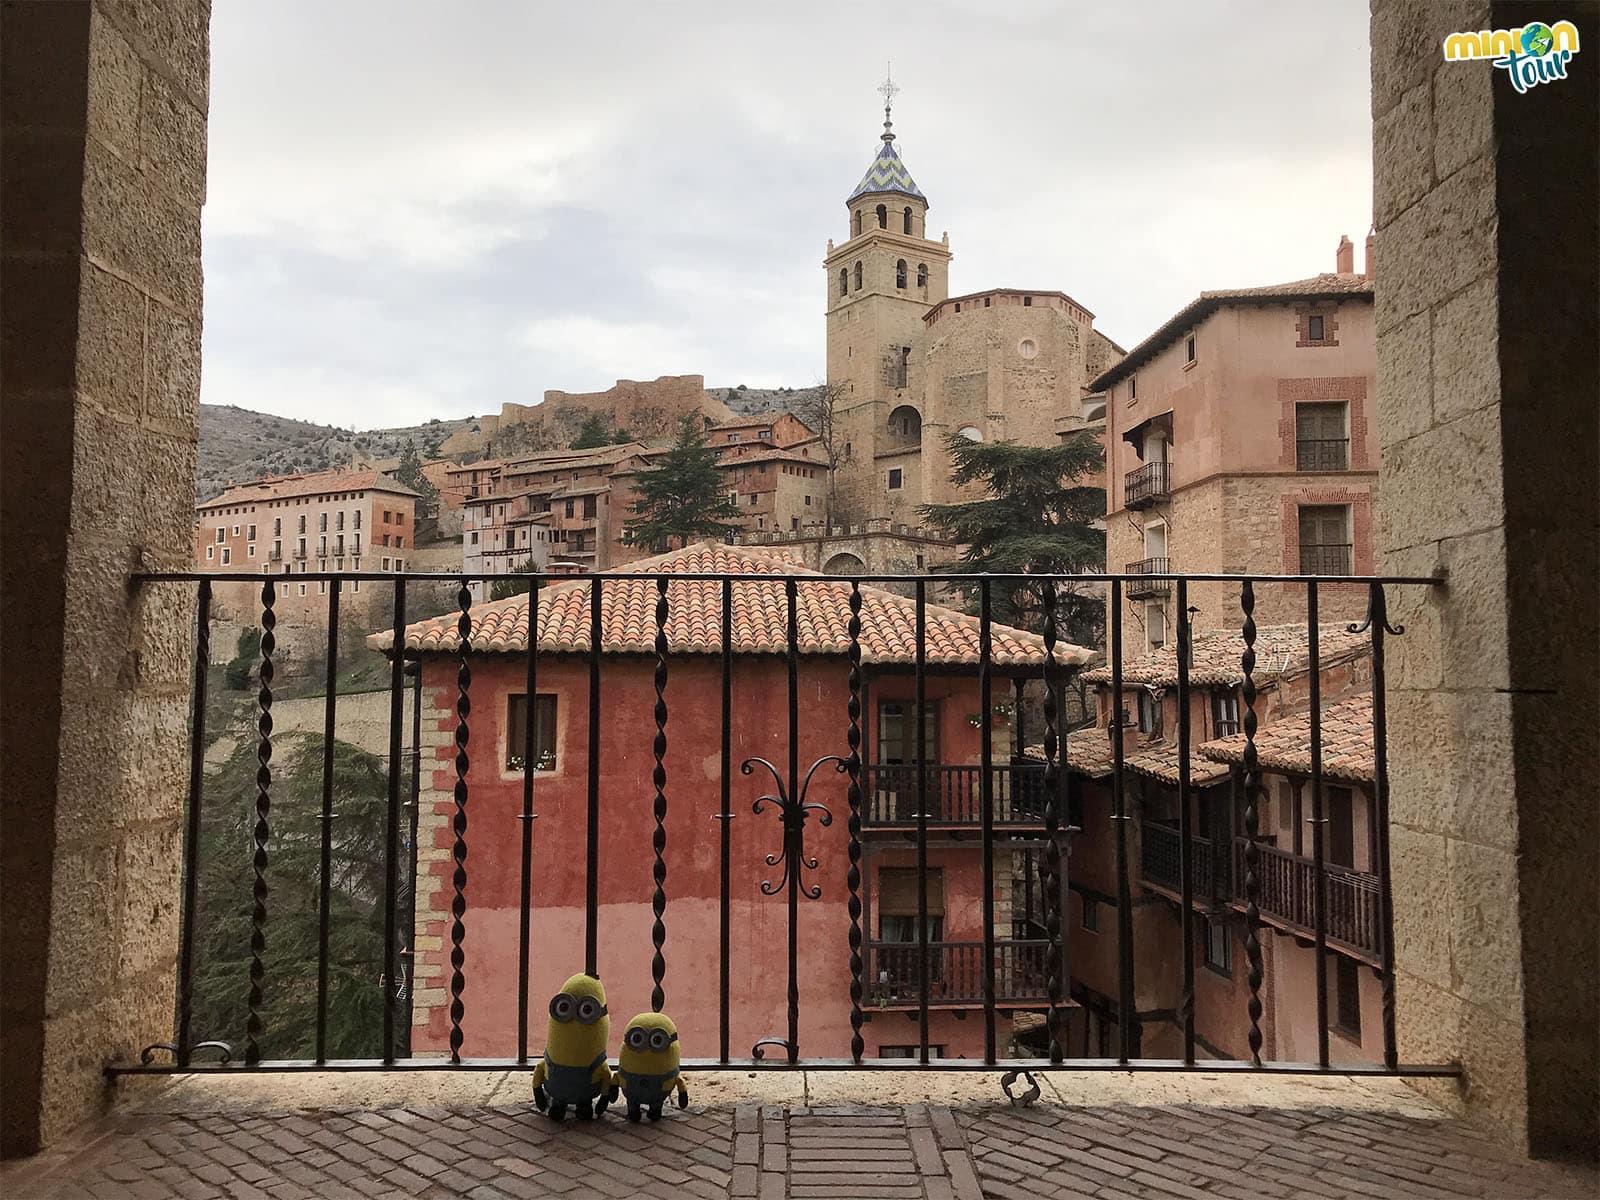 Balcón al lado del edificio del ayuntamiento de Albarracín